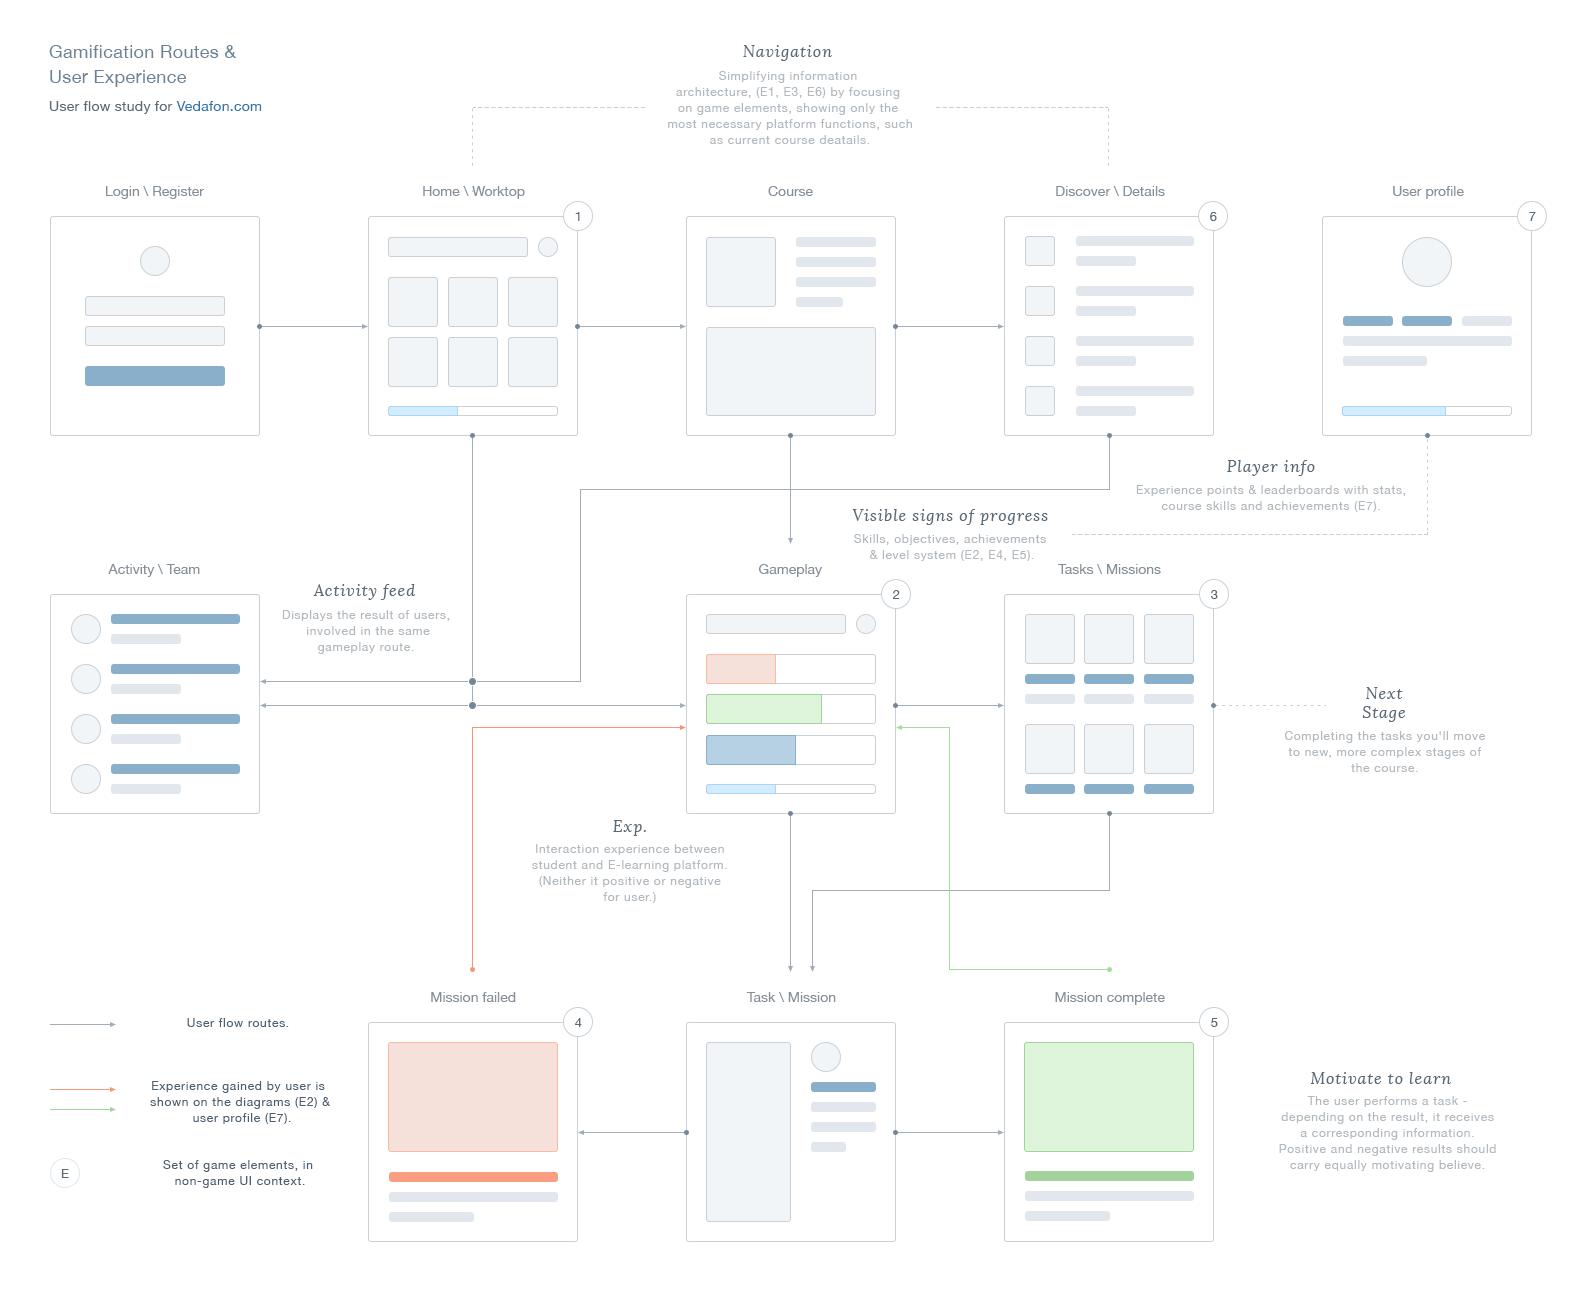 Ux Gamification Routes Ui Ue Design